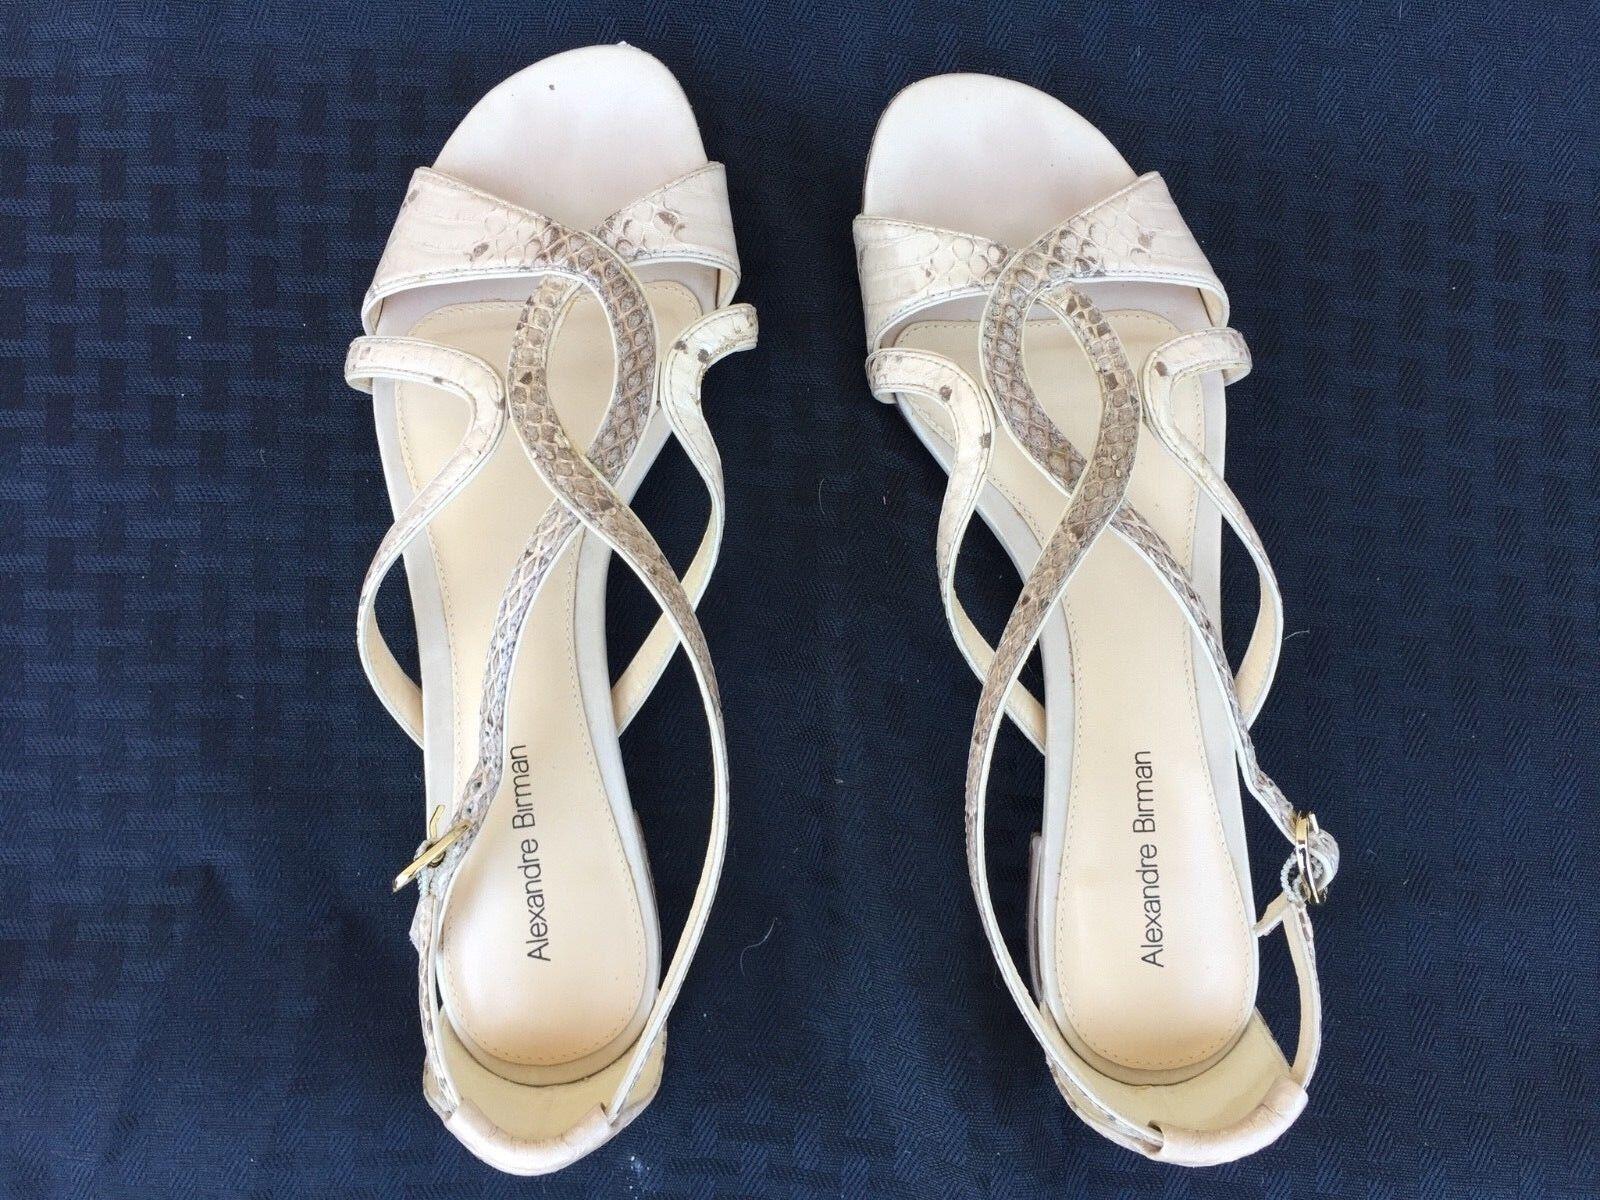 ALEXANDRE BIRMAN SNAKE BEIGE SANDALS FLATS Schuhe 595 7